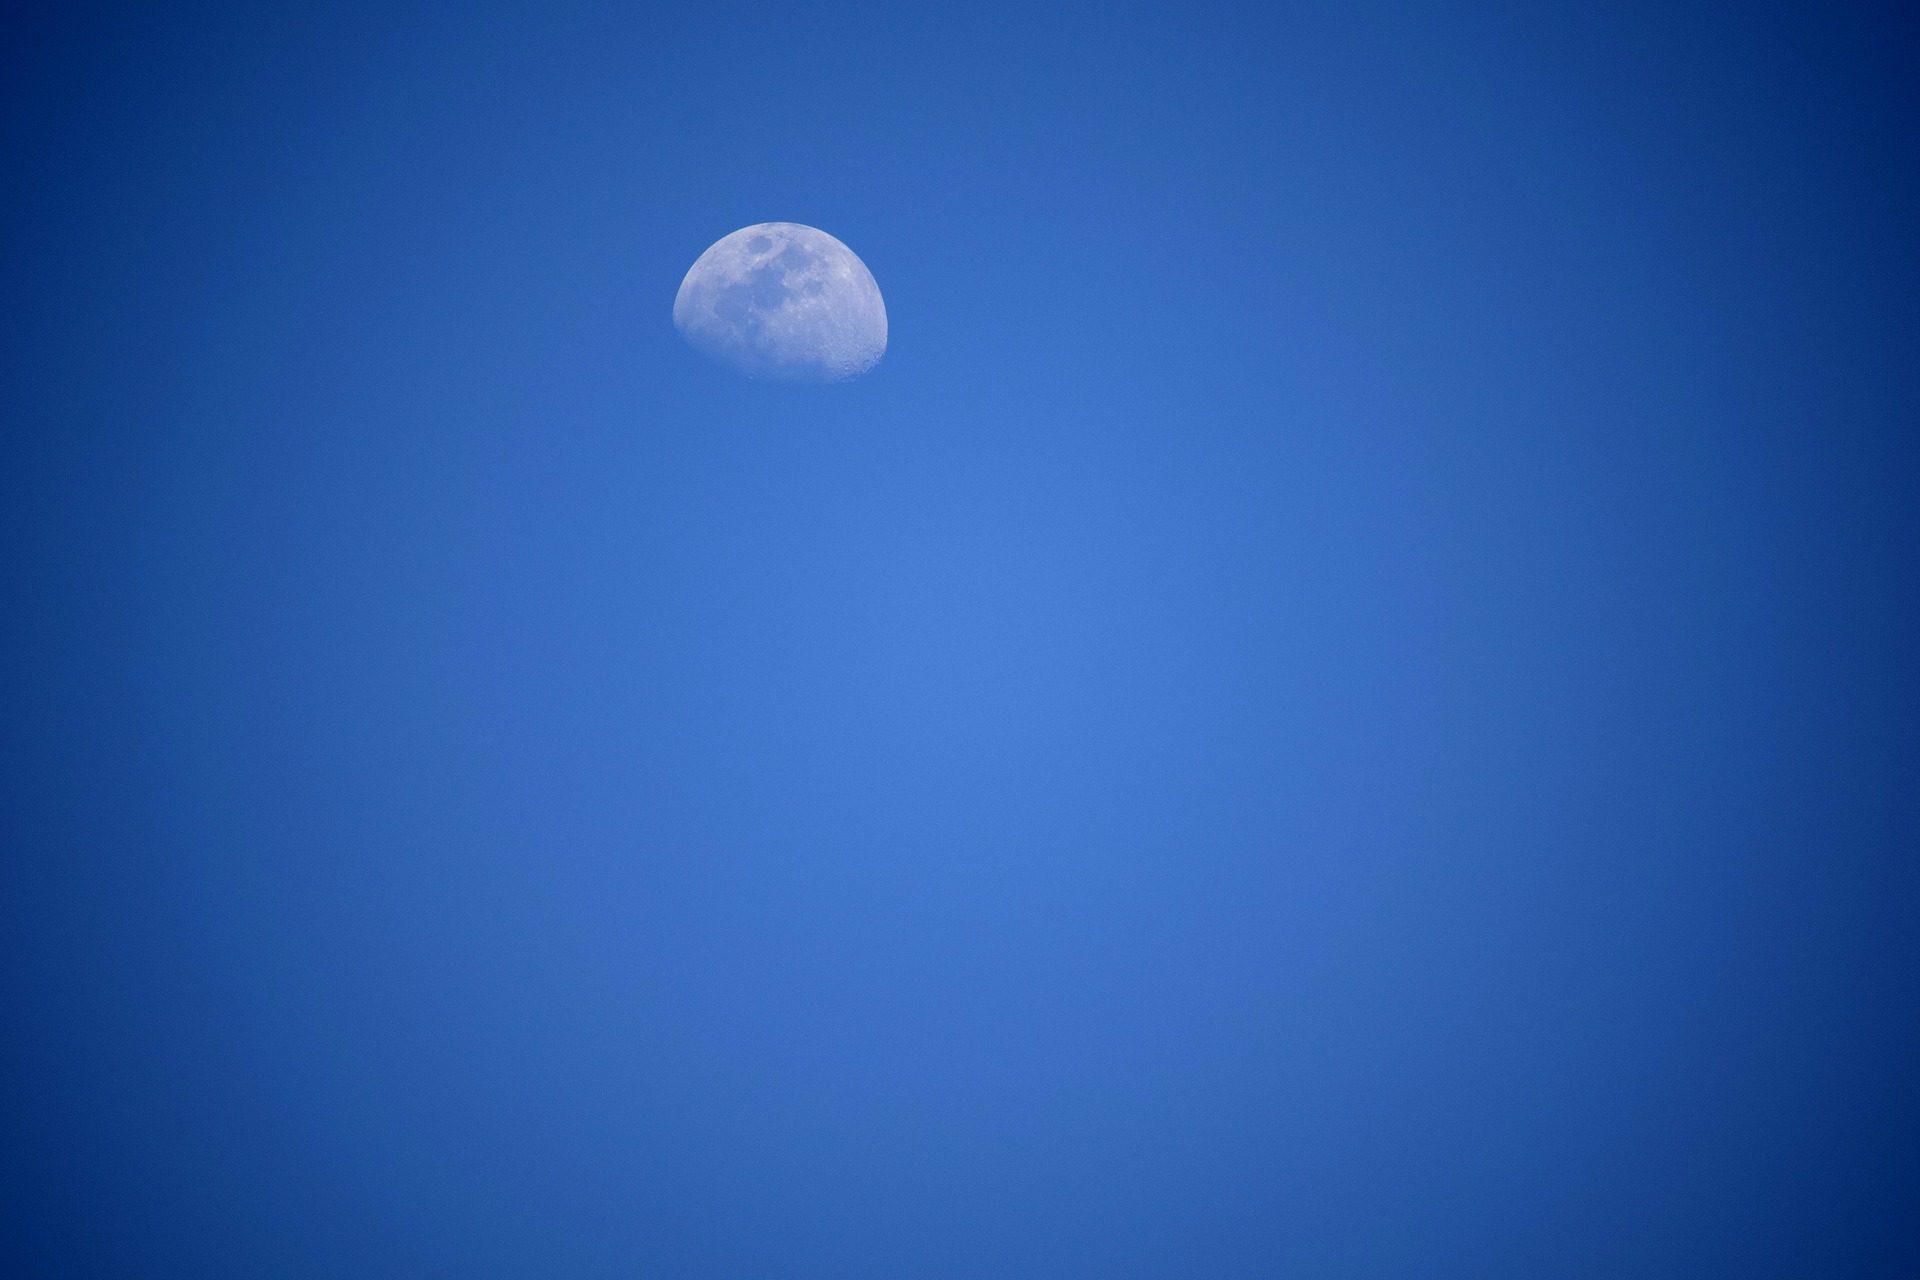 القمر, السماء, الأقمار الصناعية, الأزرق, المسافة, الفضاء - خلفيات عالية الدقة - أستاذ falken.com